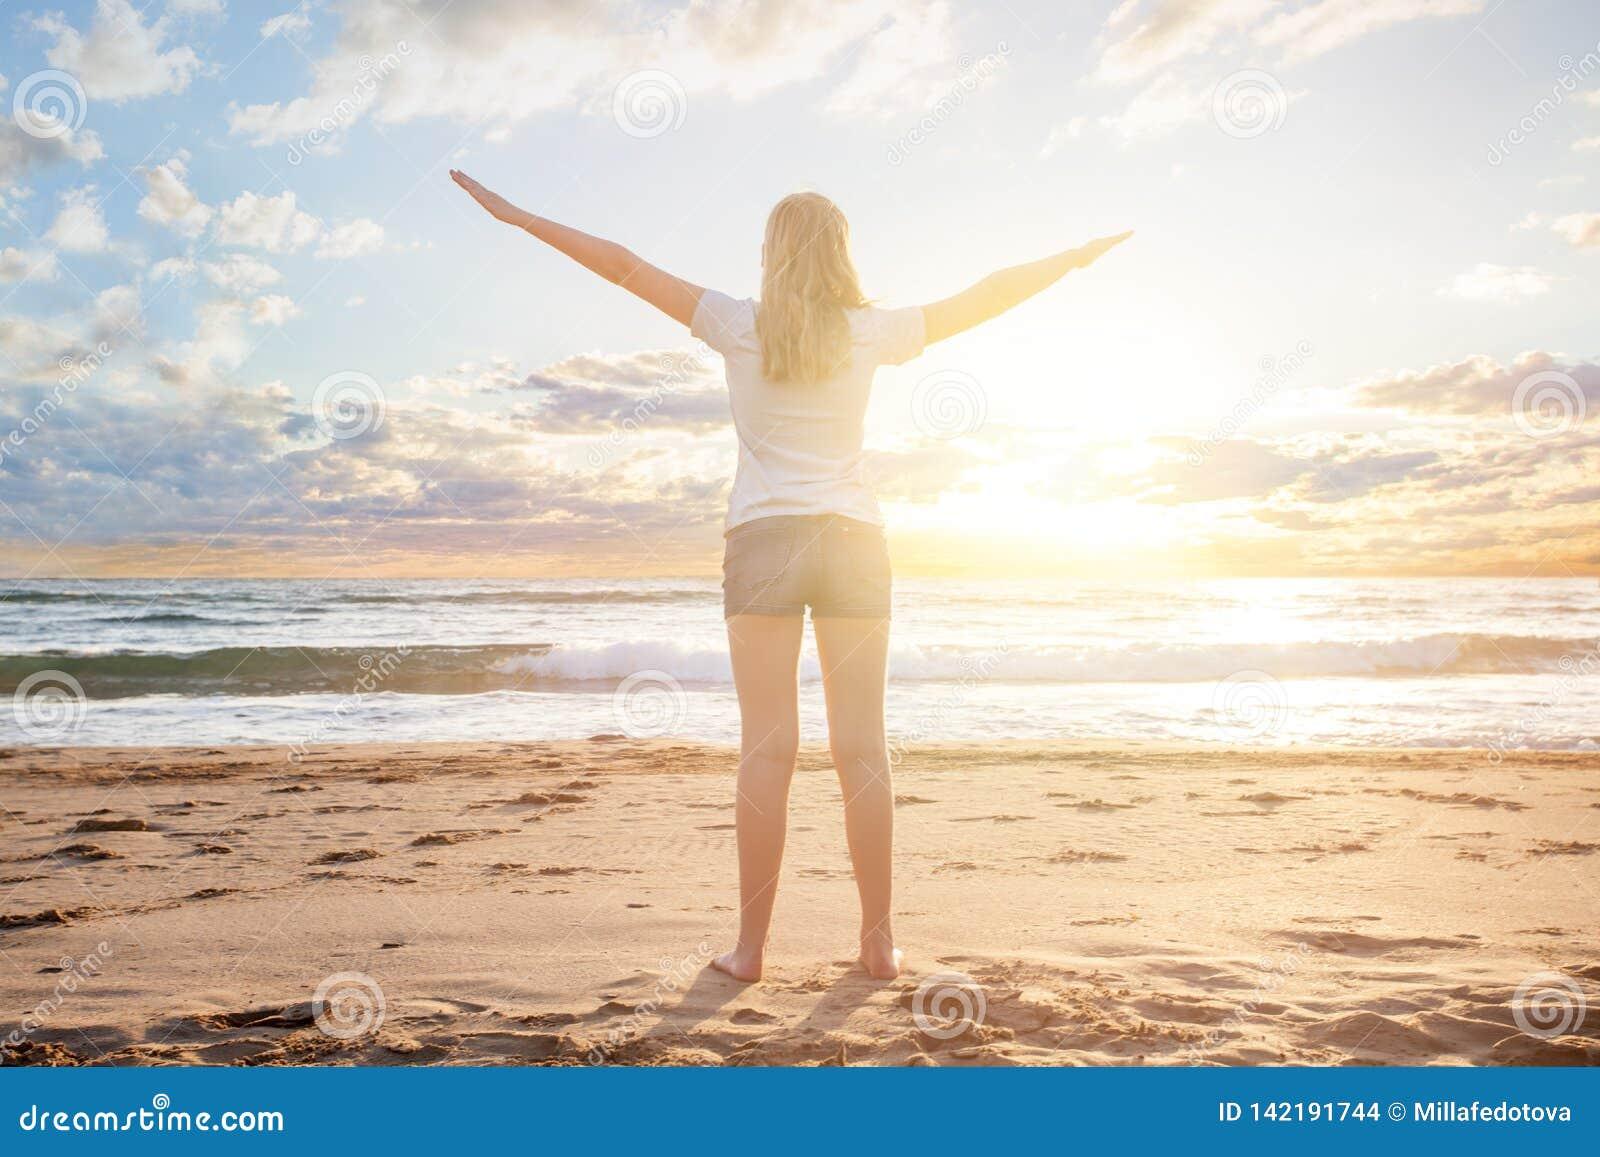 Viajante da menina em um alvorecer do sol da manhã em um resert tropical da praia A mulher bonita aprecia suas férias de verão, m